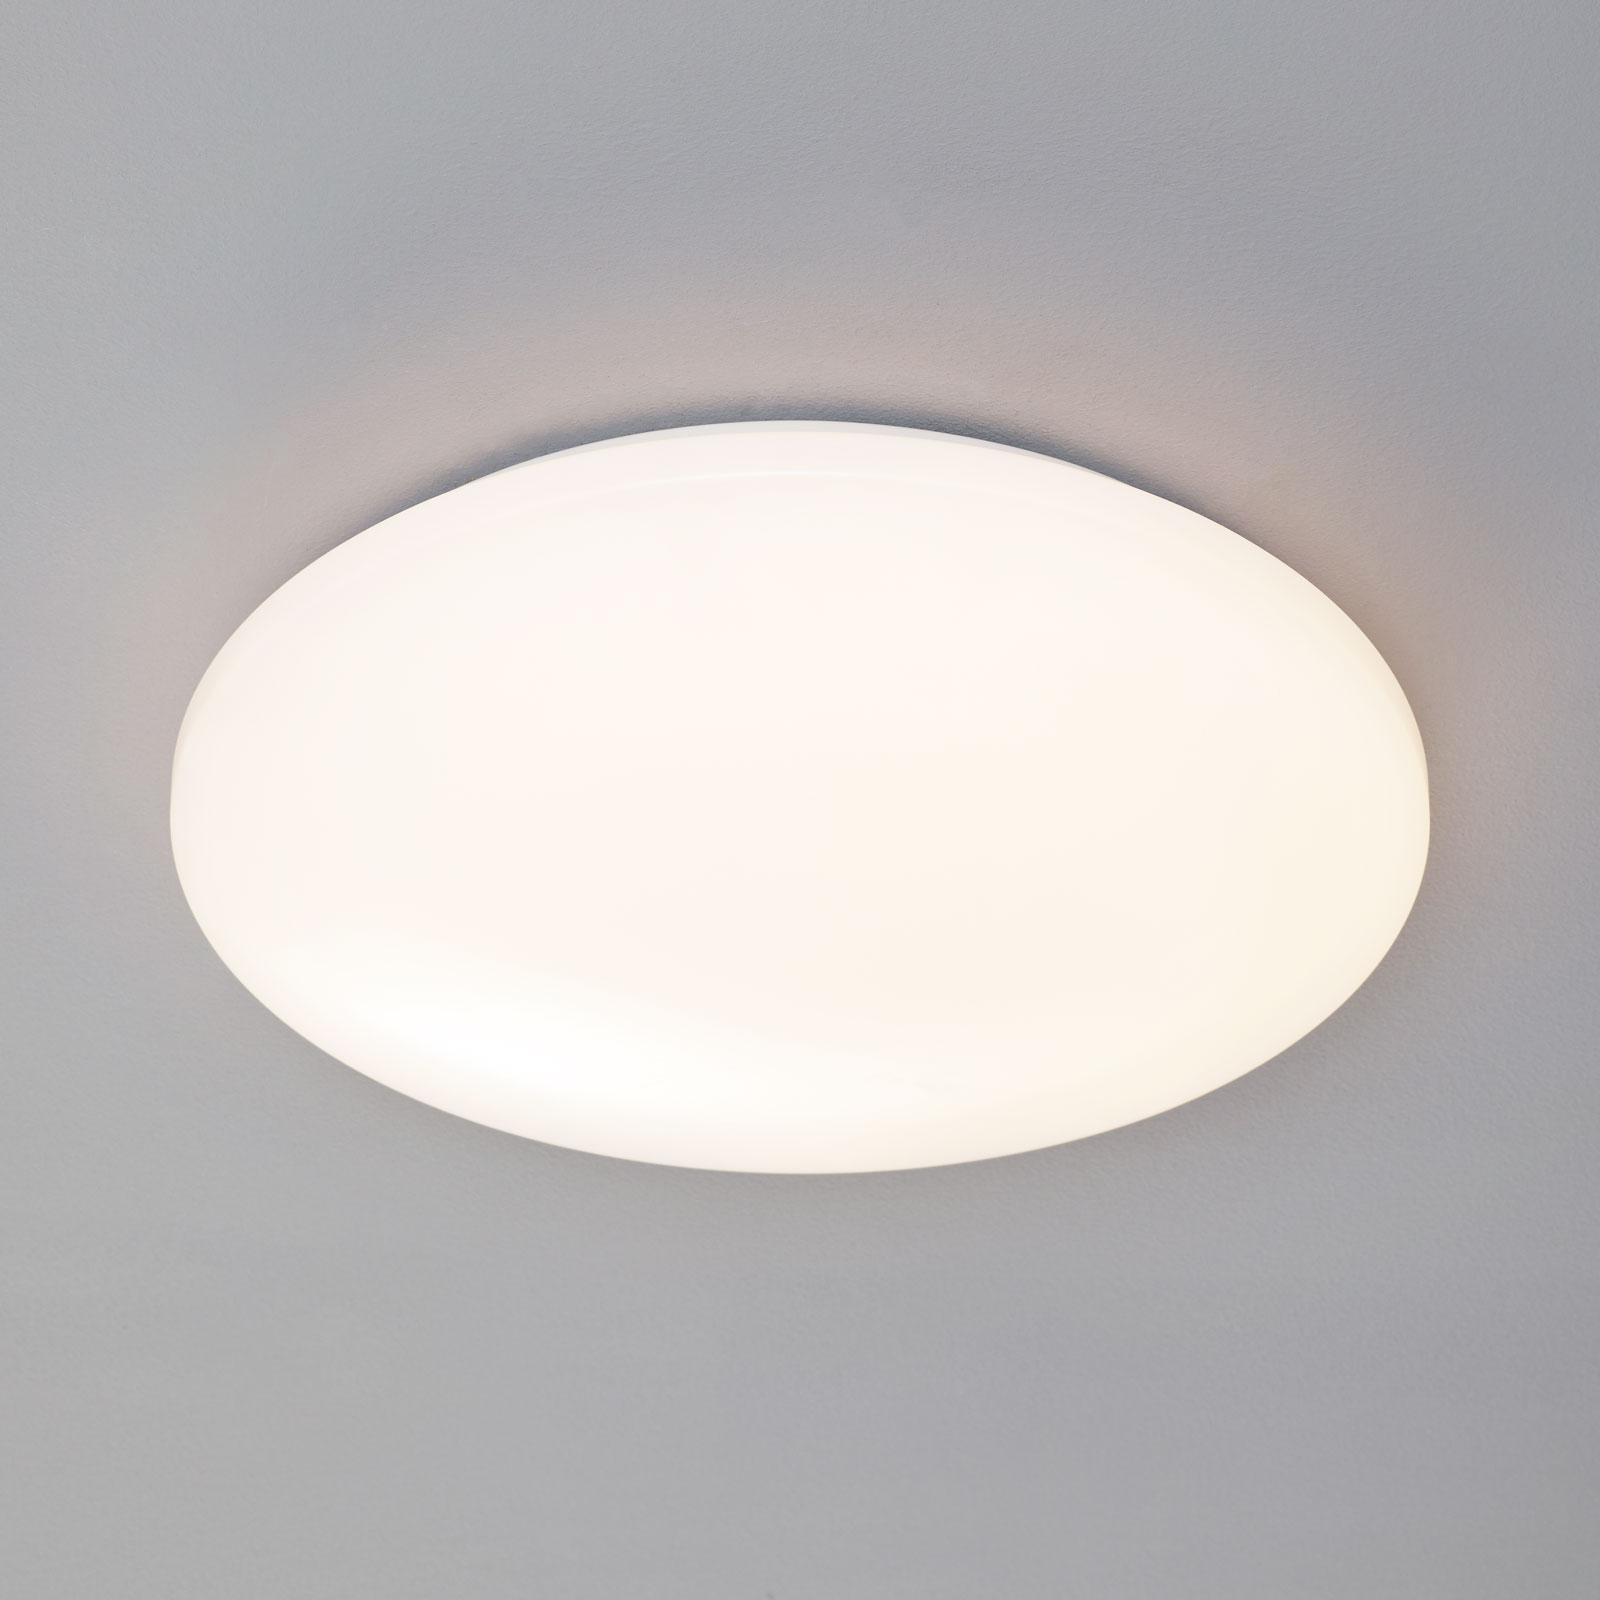 Plafonnier LED Pollux, détecteur, Ø 40cm